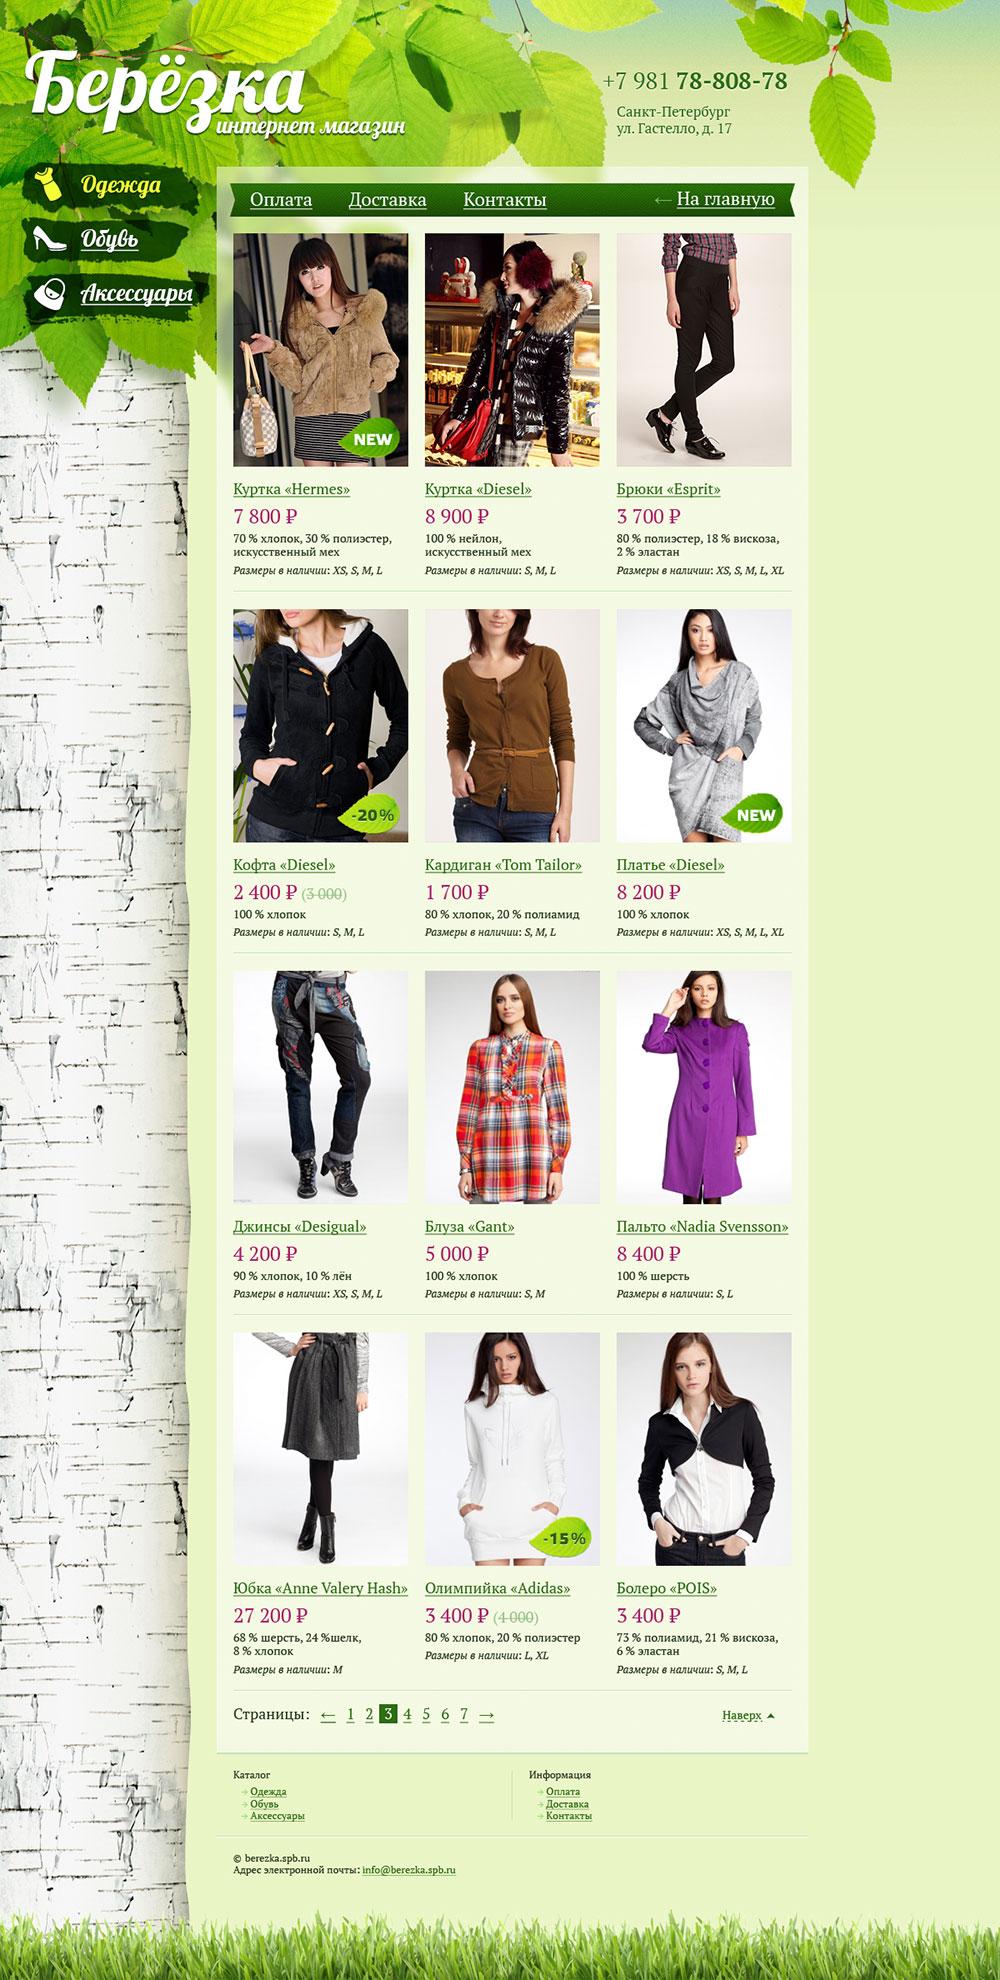 f4e8f590480 Создание сайта интернет-магазина модной одежды «Березка» - Работы ...